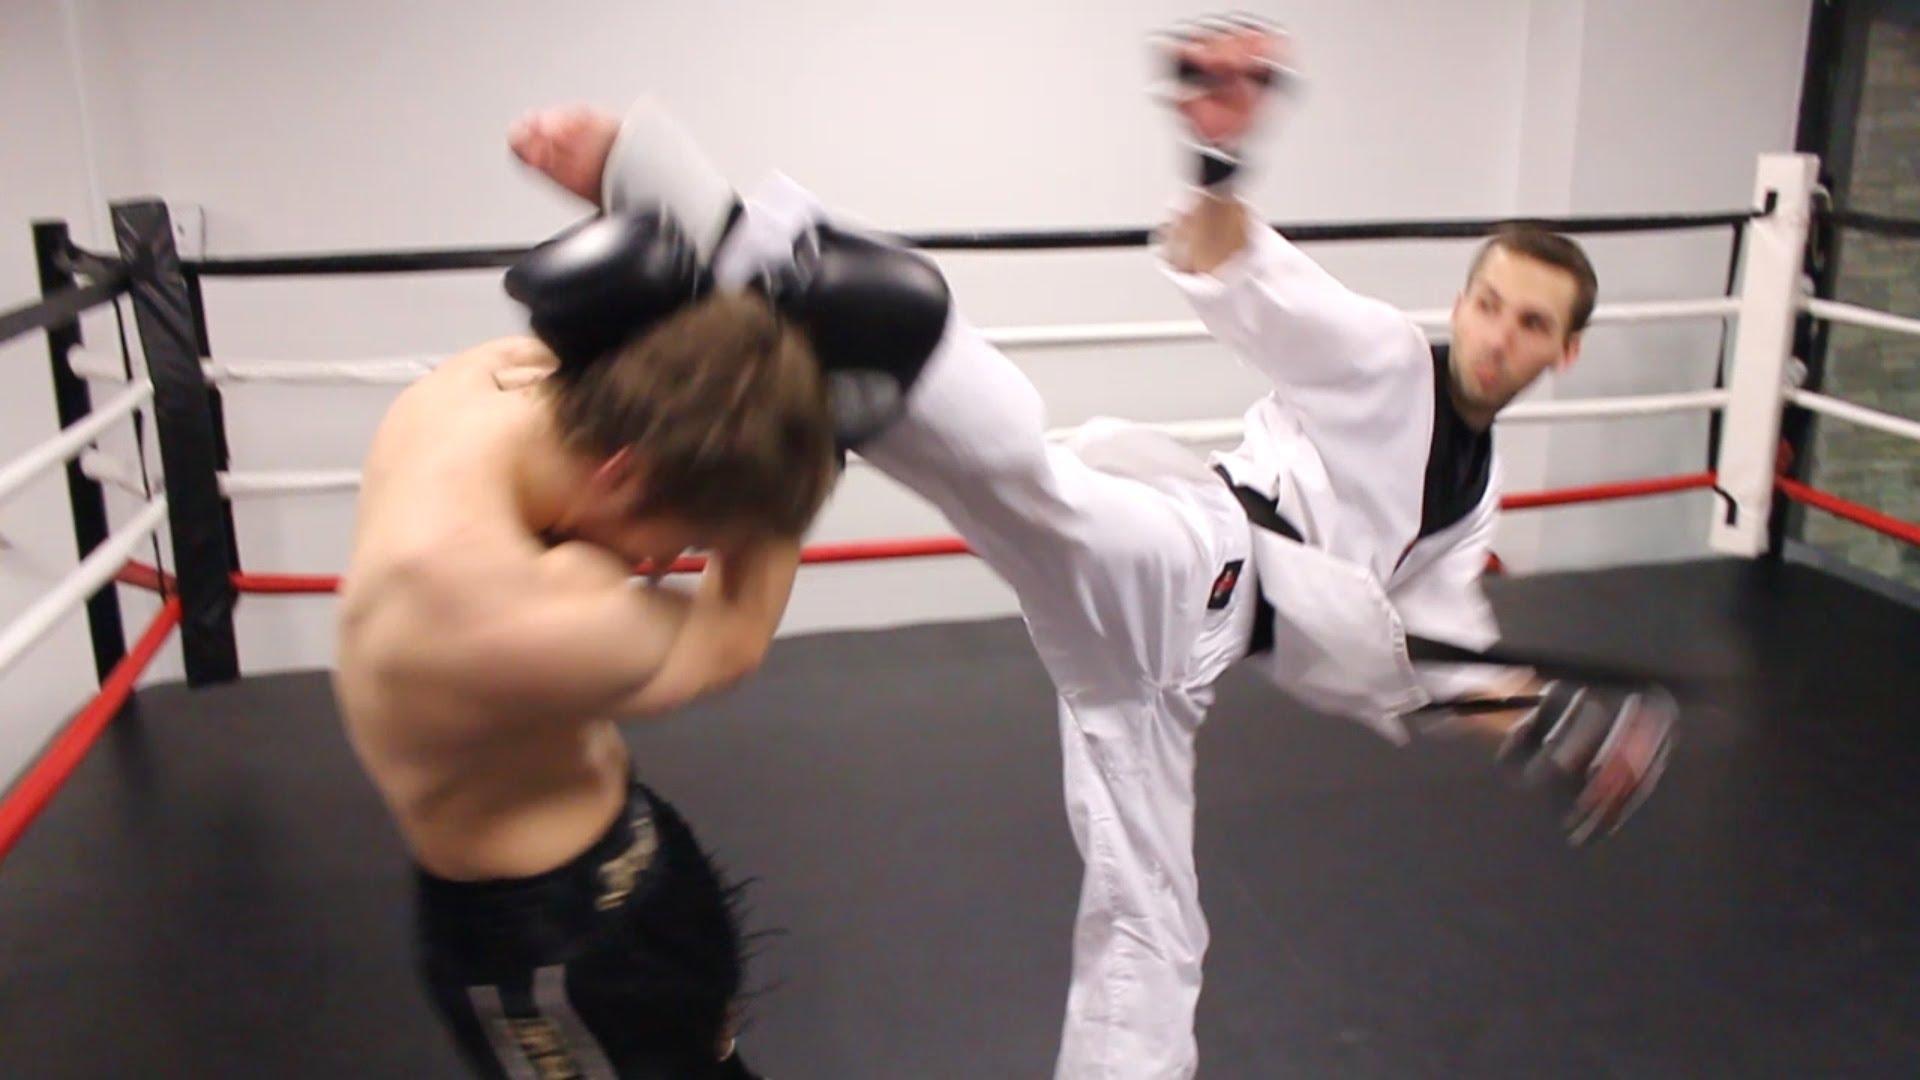 Брутален нокаут: Боксьор срещу каратист (ВИДЕО)